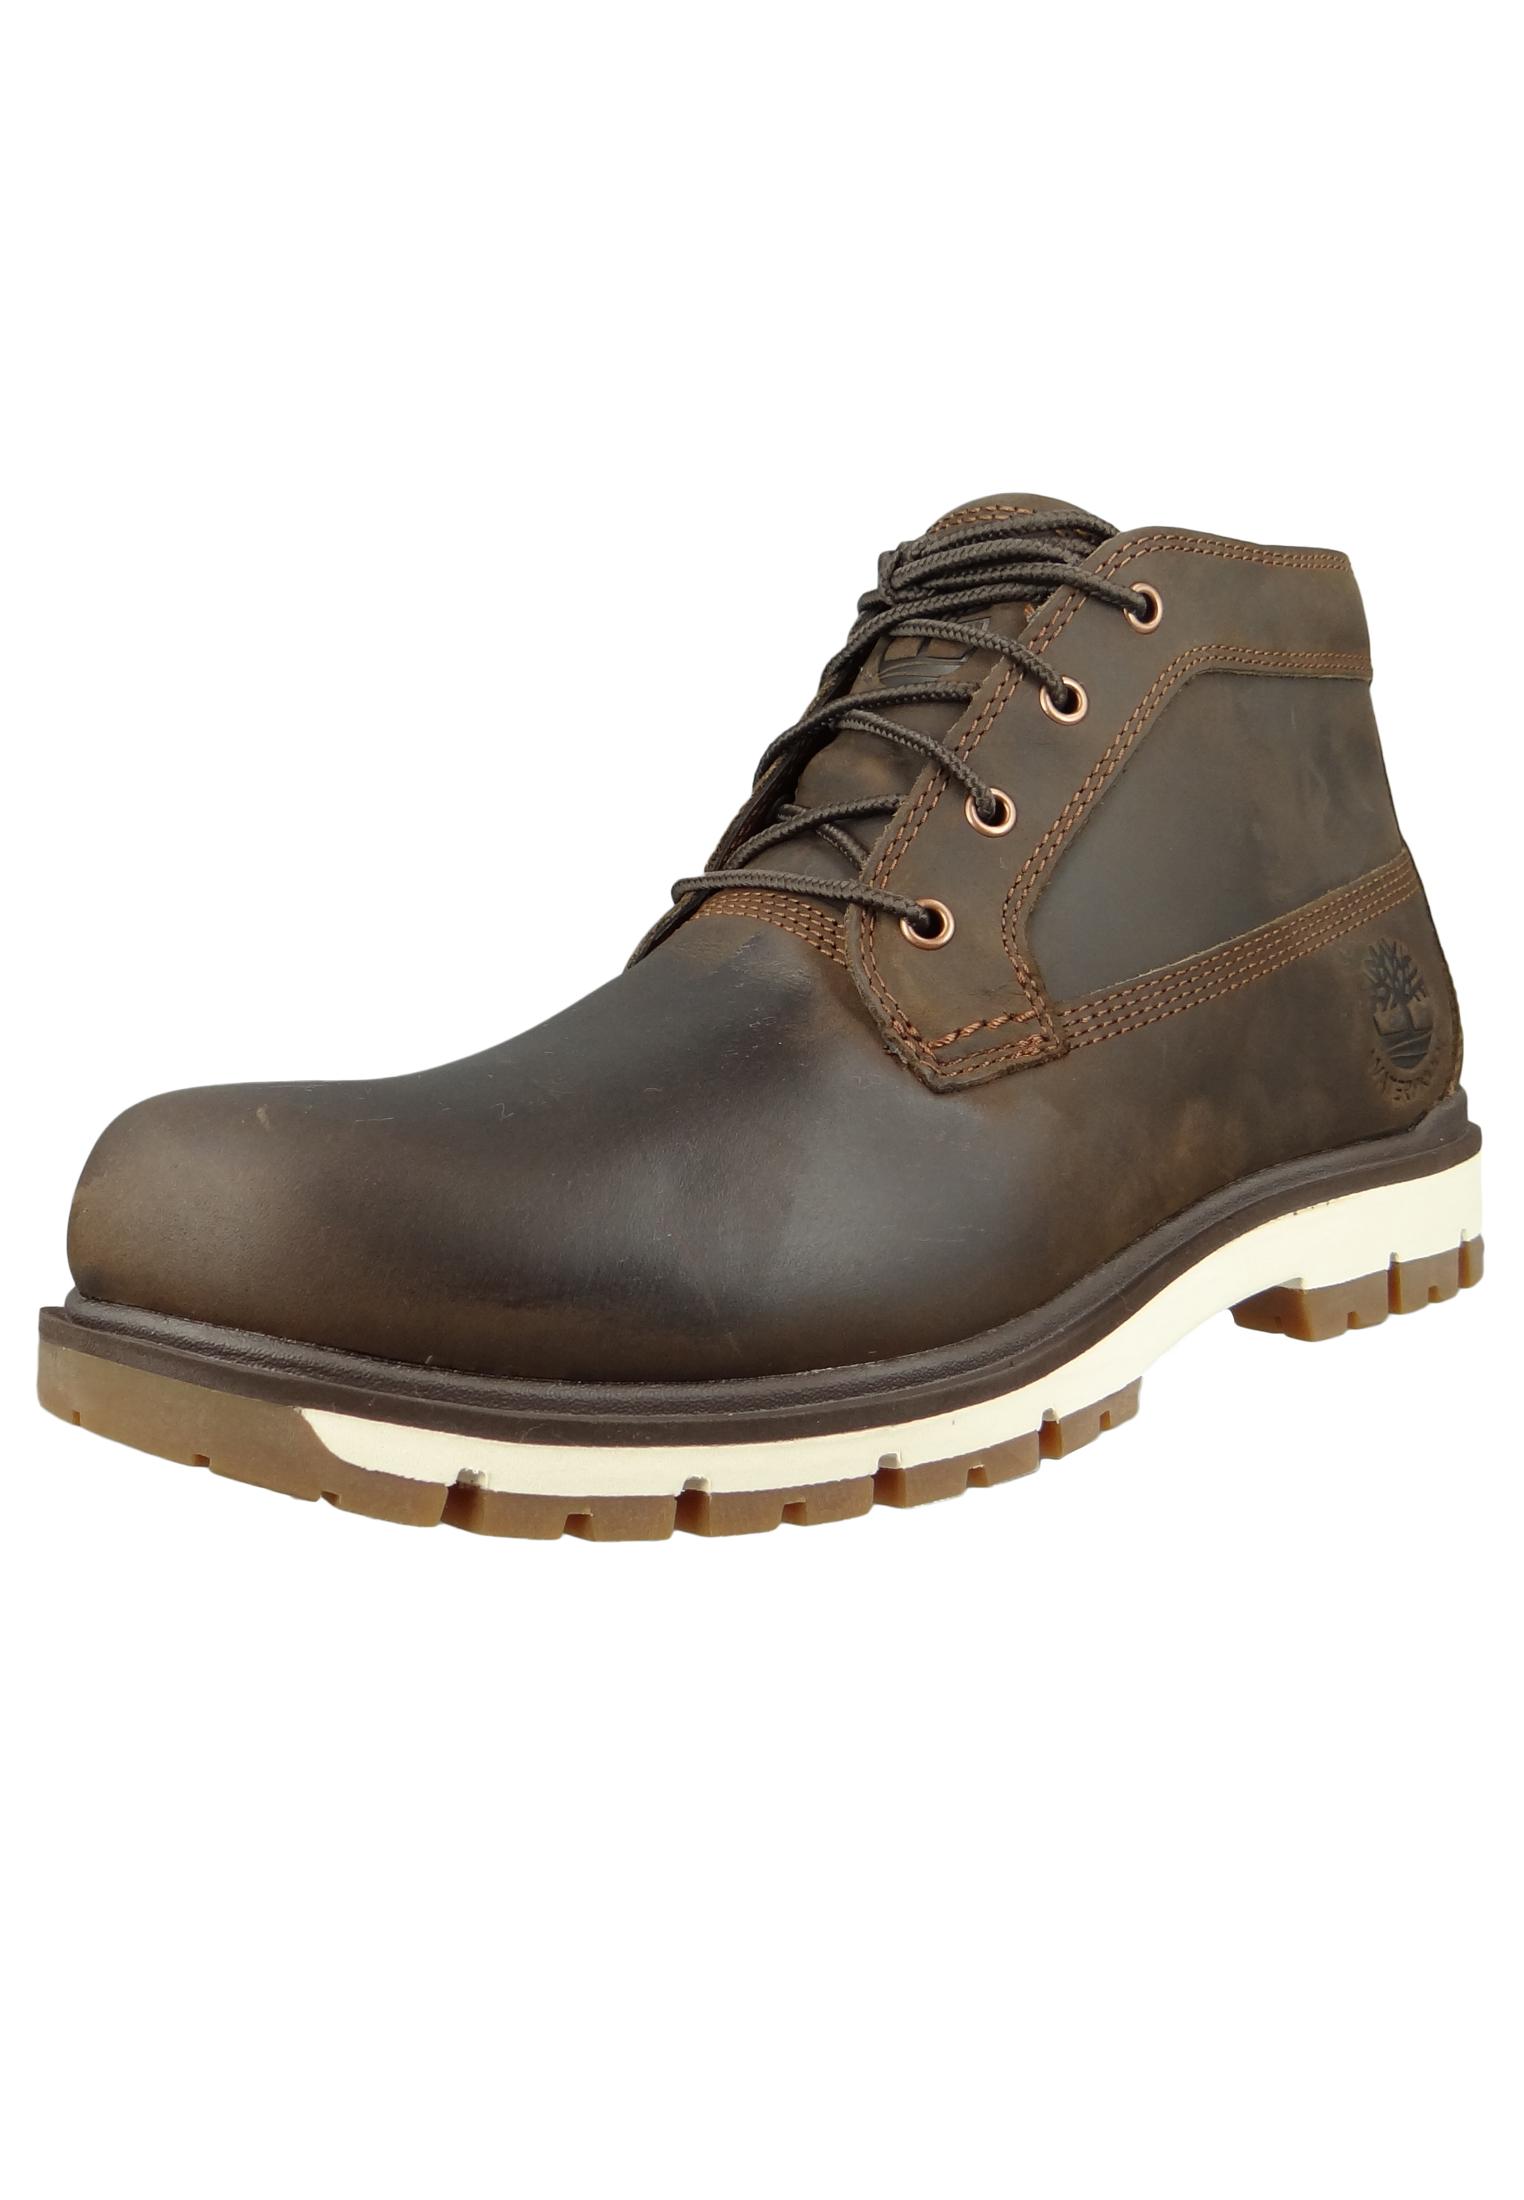 Boots RADFORD CHUKKA WP